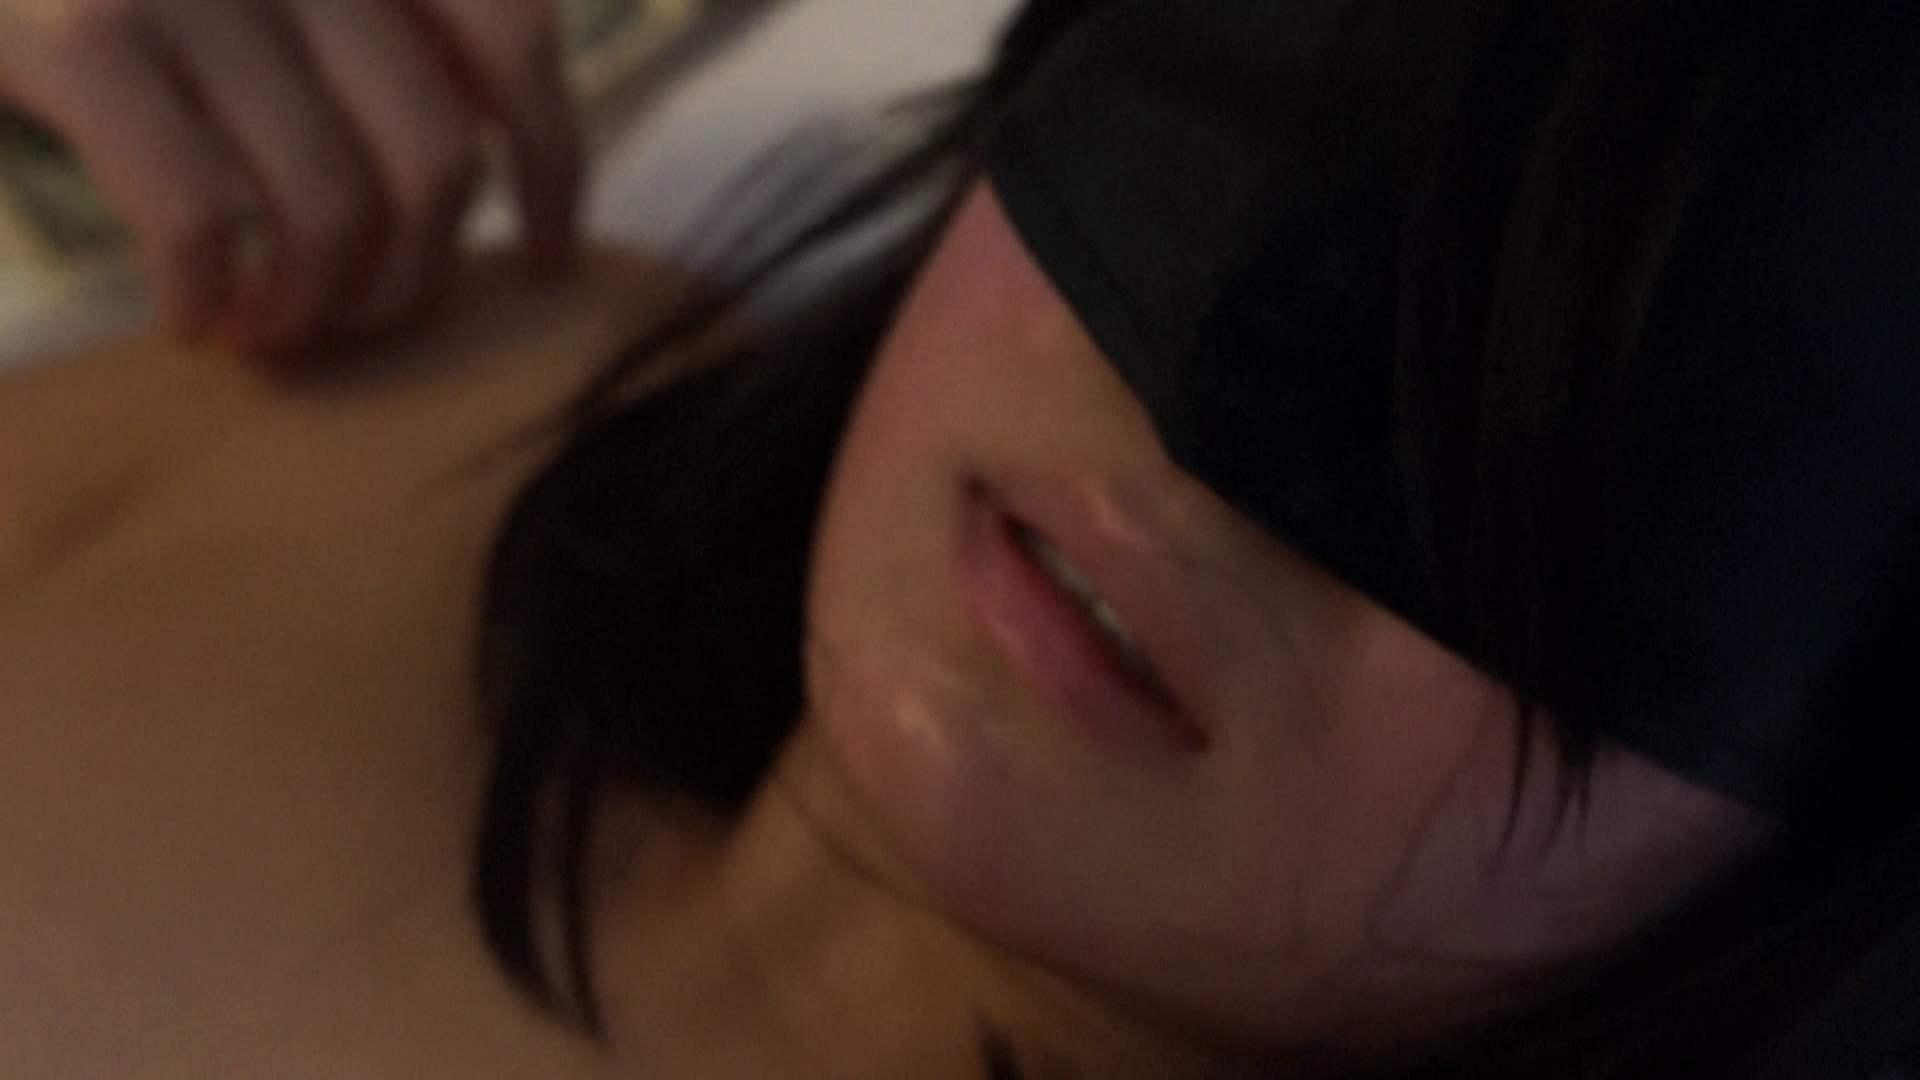 vol.15 身体をねじりながら感じる留華ちゃん マンコ特集 | クンニ  66連発 20